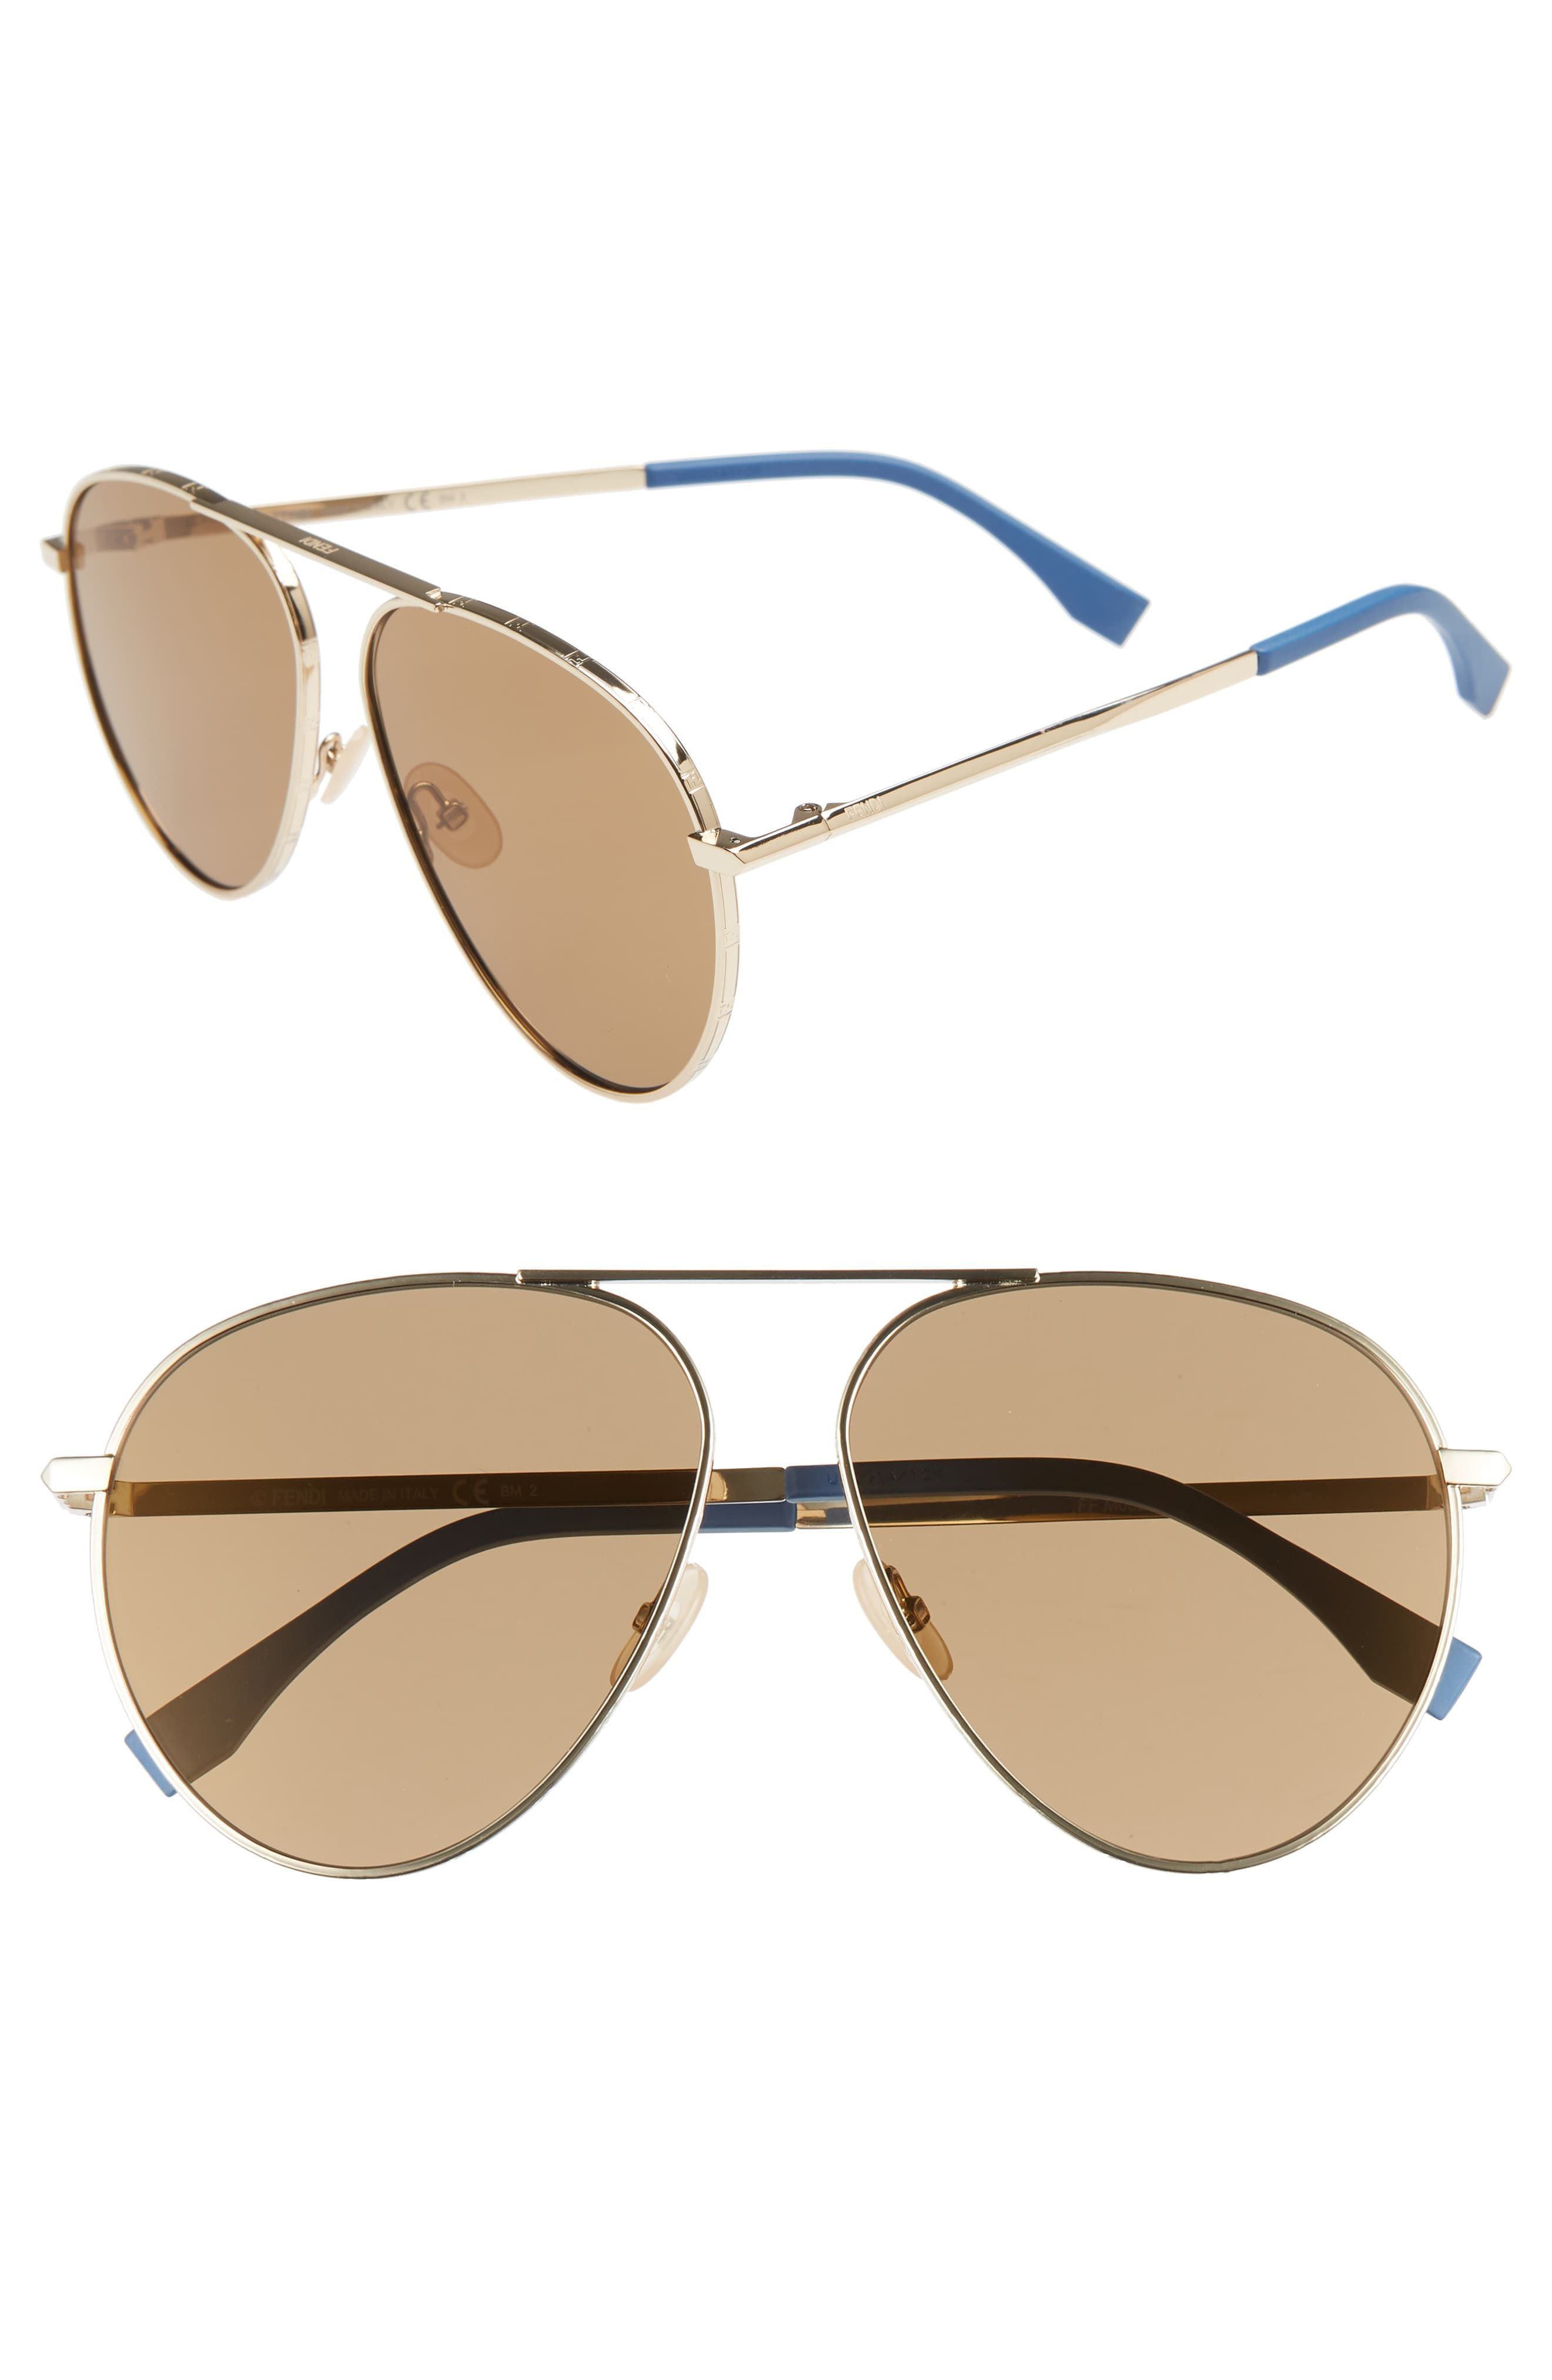 Fendi 61mm Gold 2019Products Men's Sunglasses Aviator In SzpUMqVG